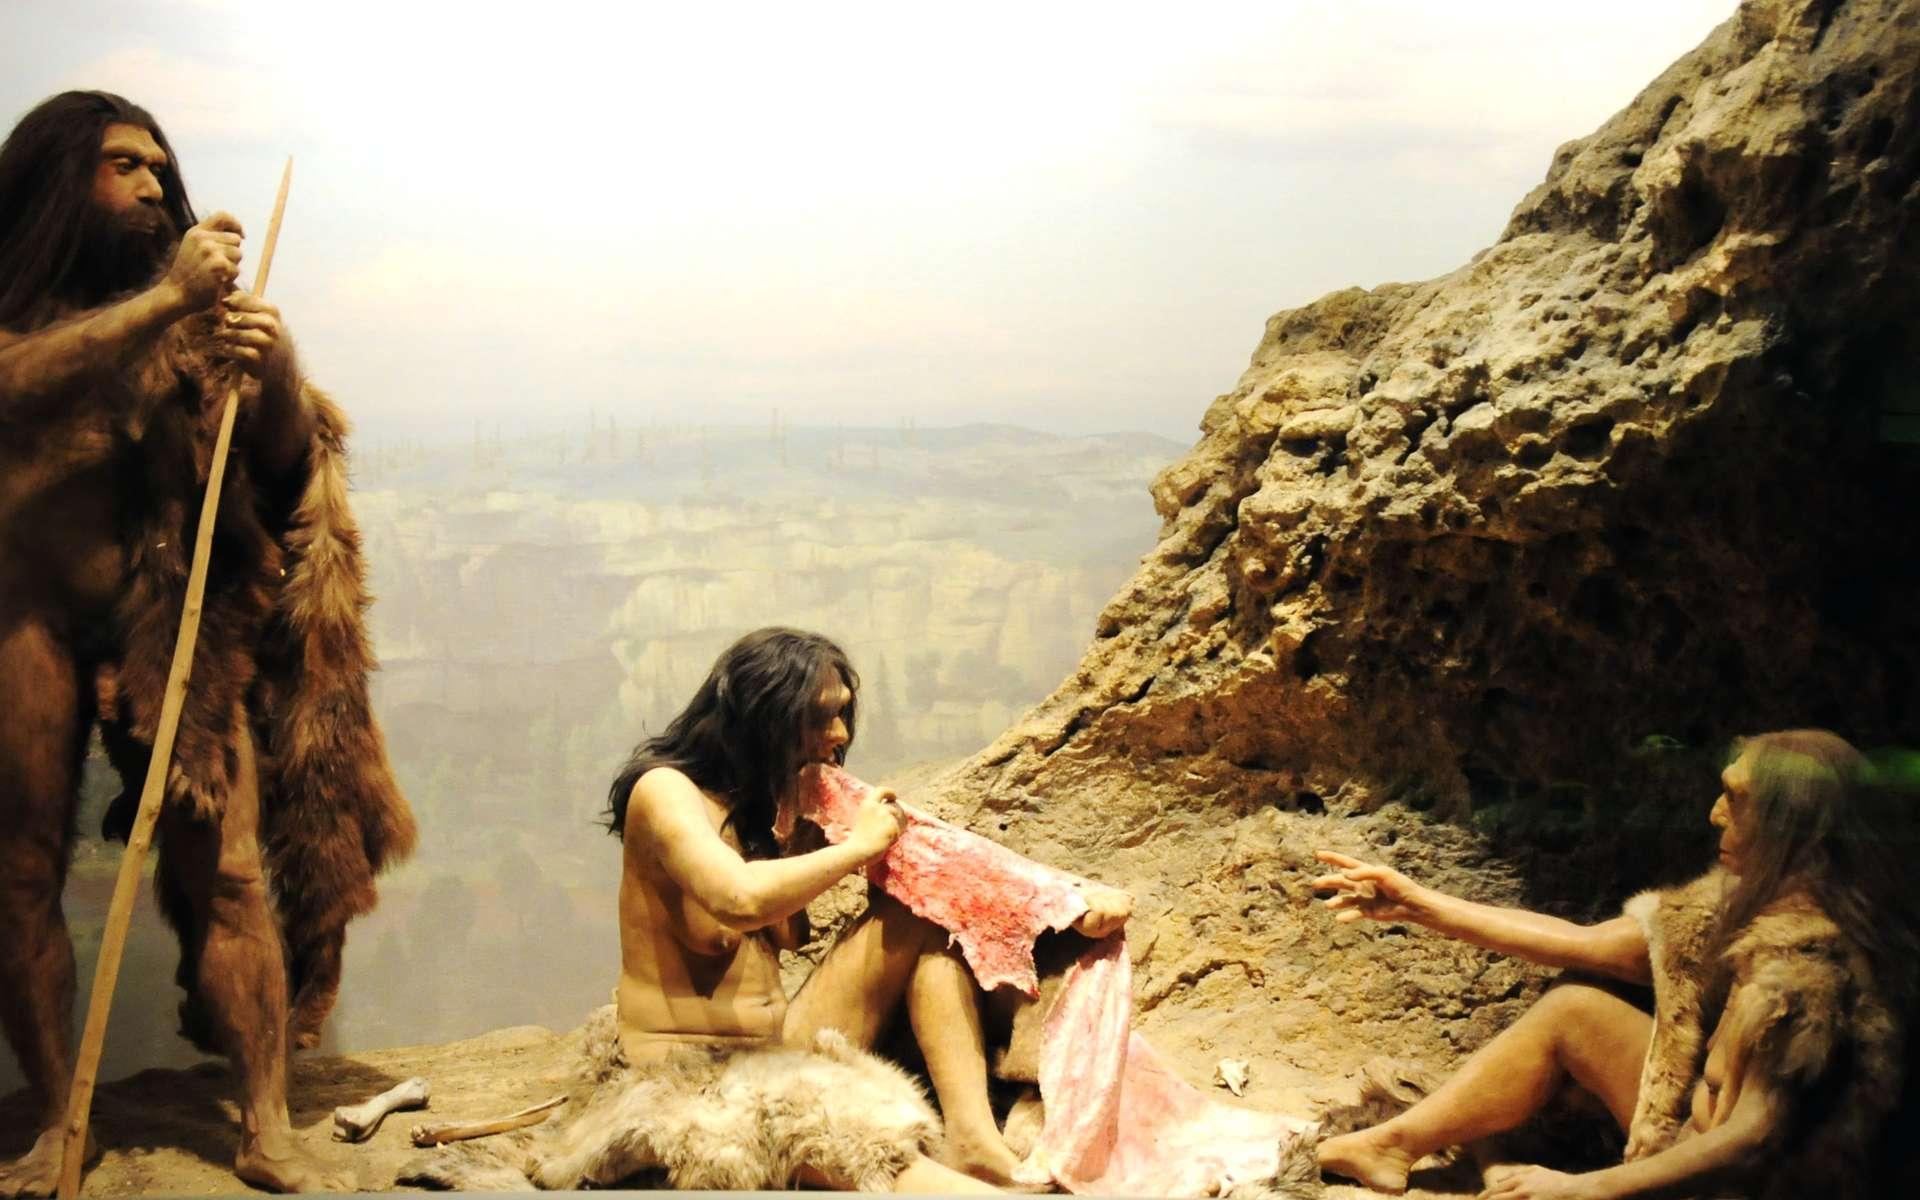 L'Homme de Denisova, mystérieuse espèce éteinte identifiée en 2010, est un groupe frère de l'Homme de Néandertal. © Vince Smith, Flickr, licence CC